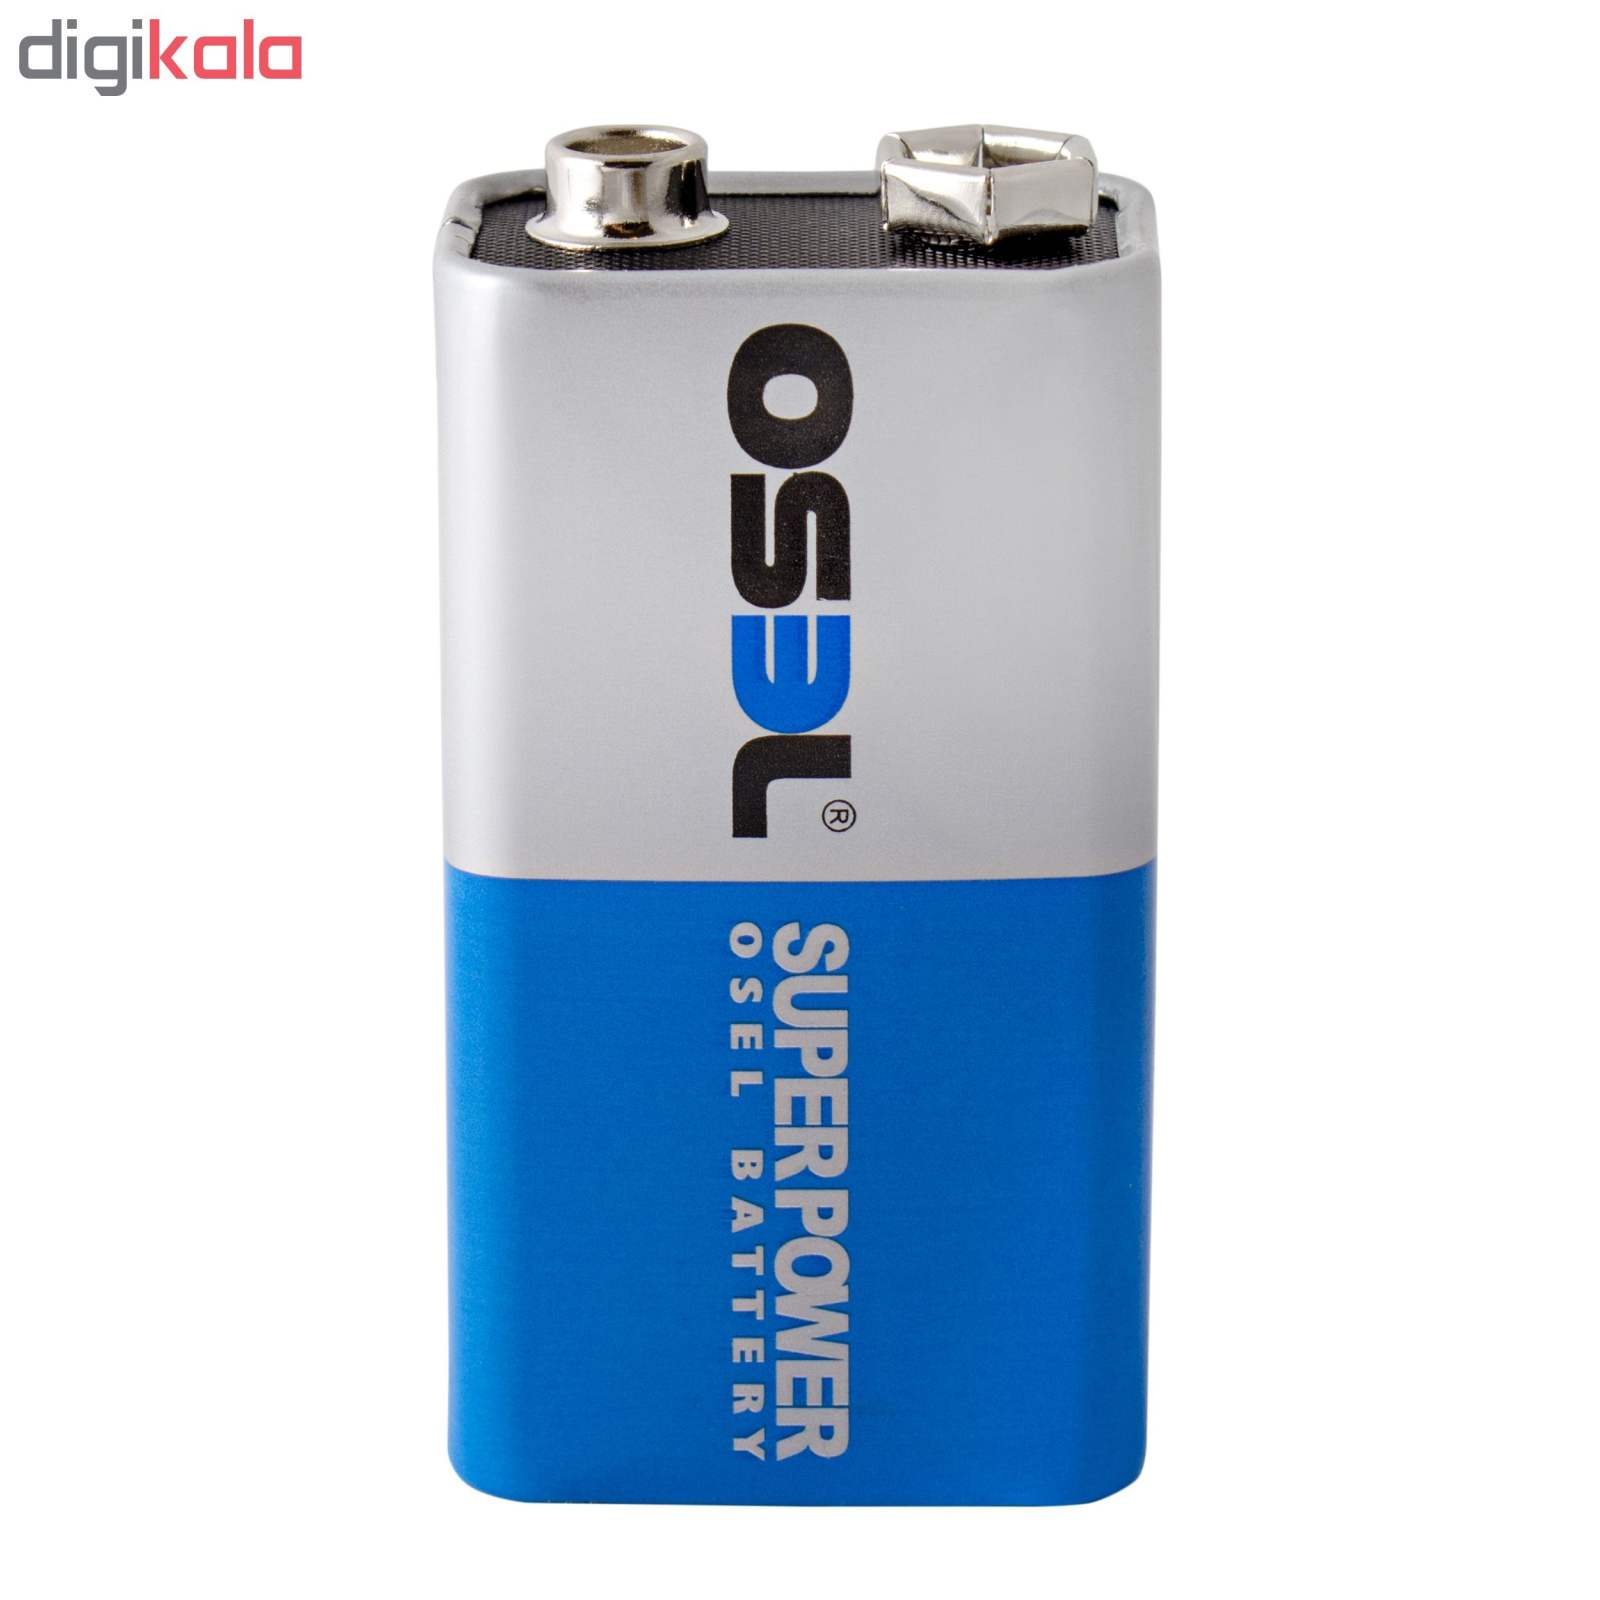 باتری کتابی اوسل مدل Super Power main 1 1